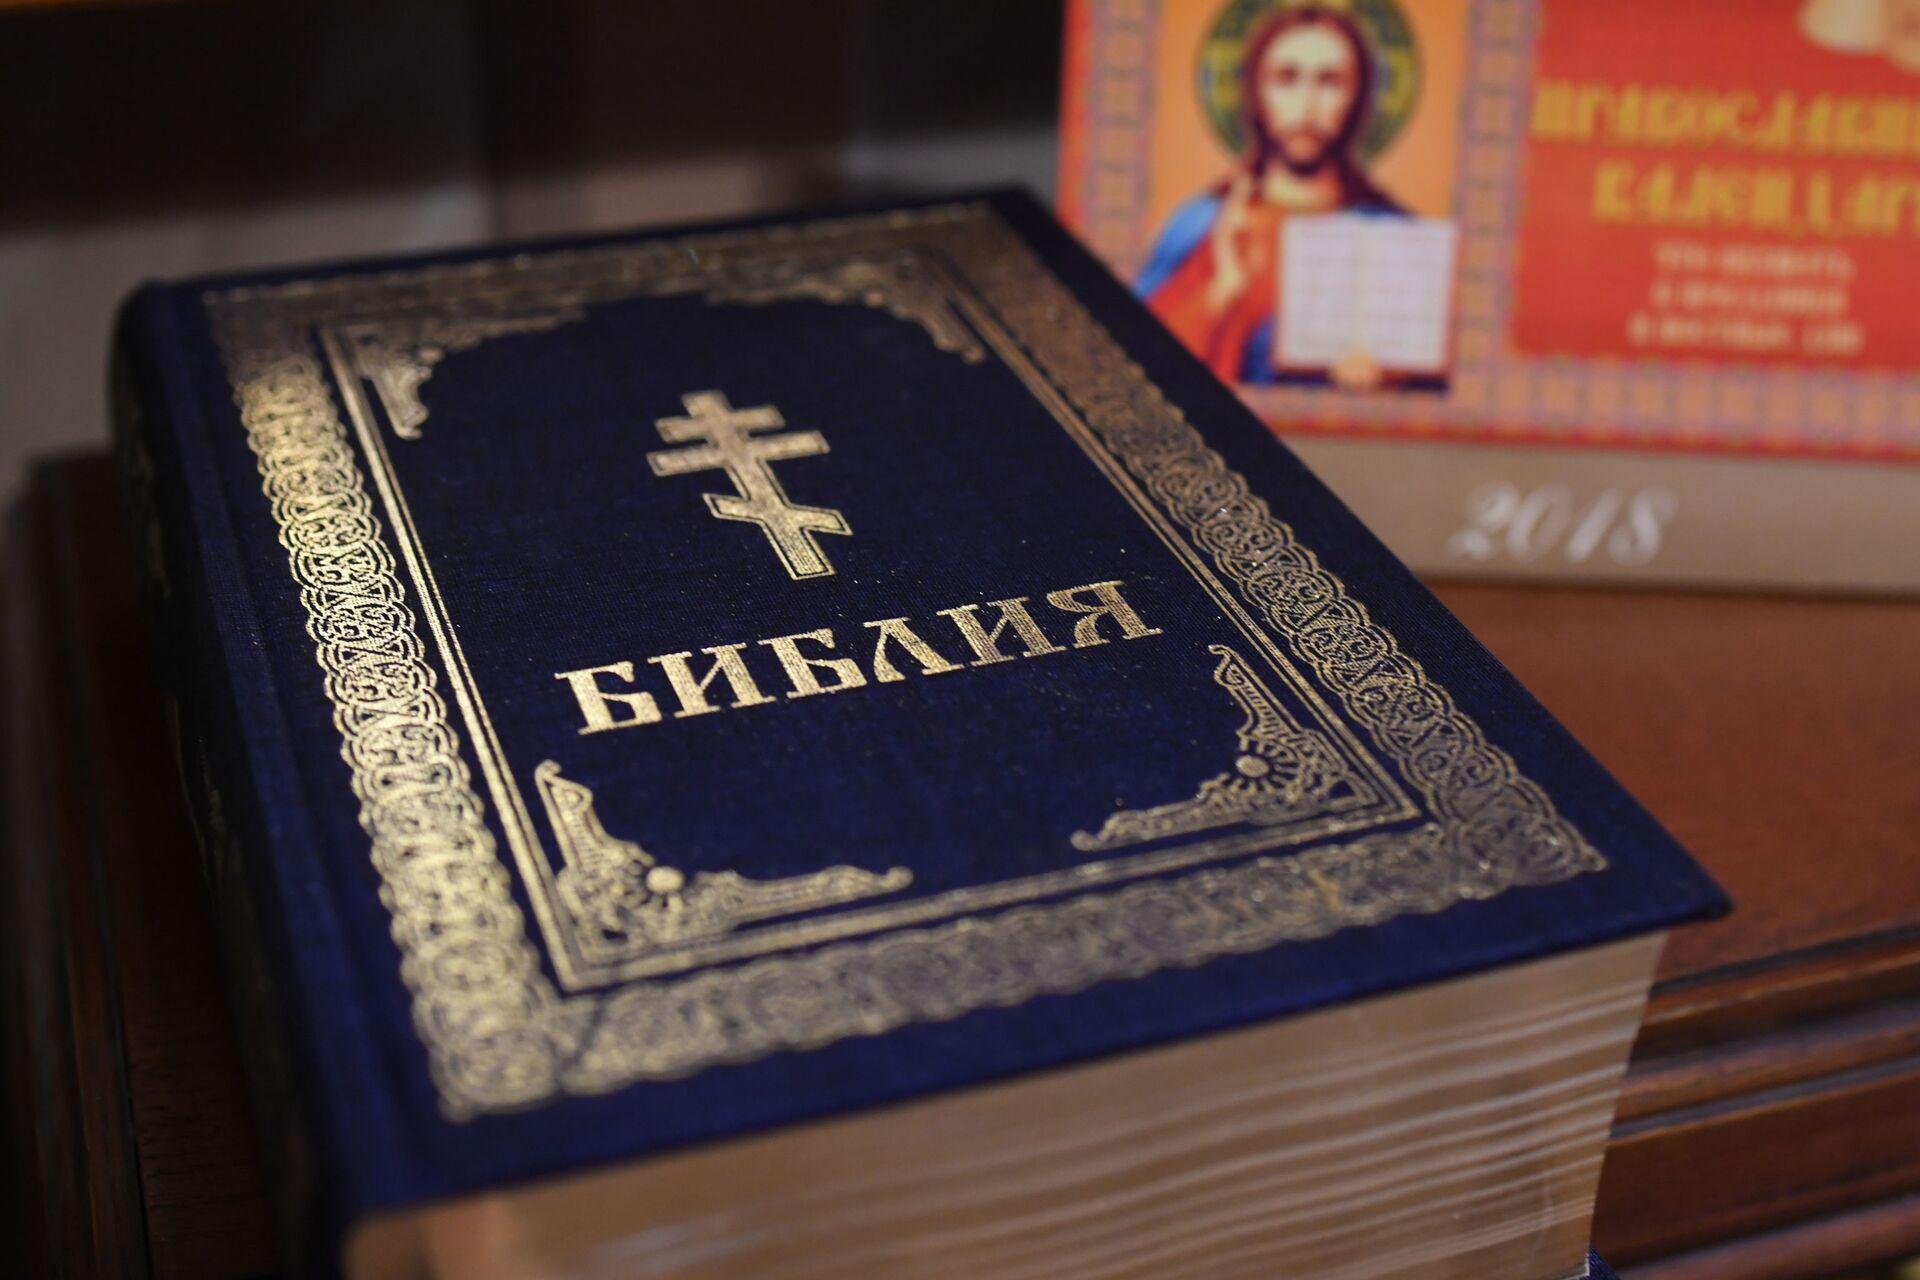 Библия. Архивное фото - Sputnik Южная Осетия, 1920, 26.10.2021